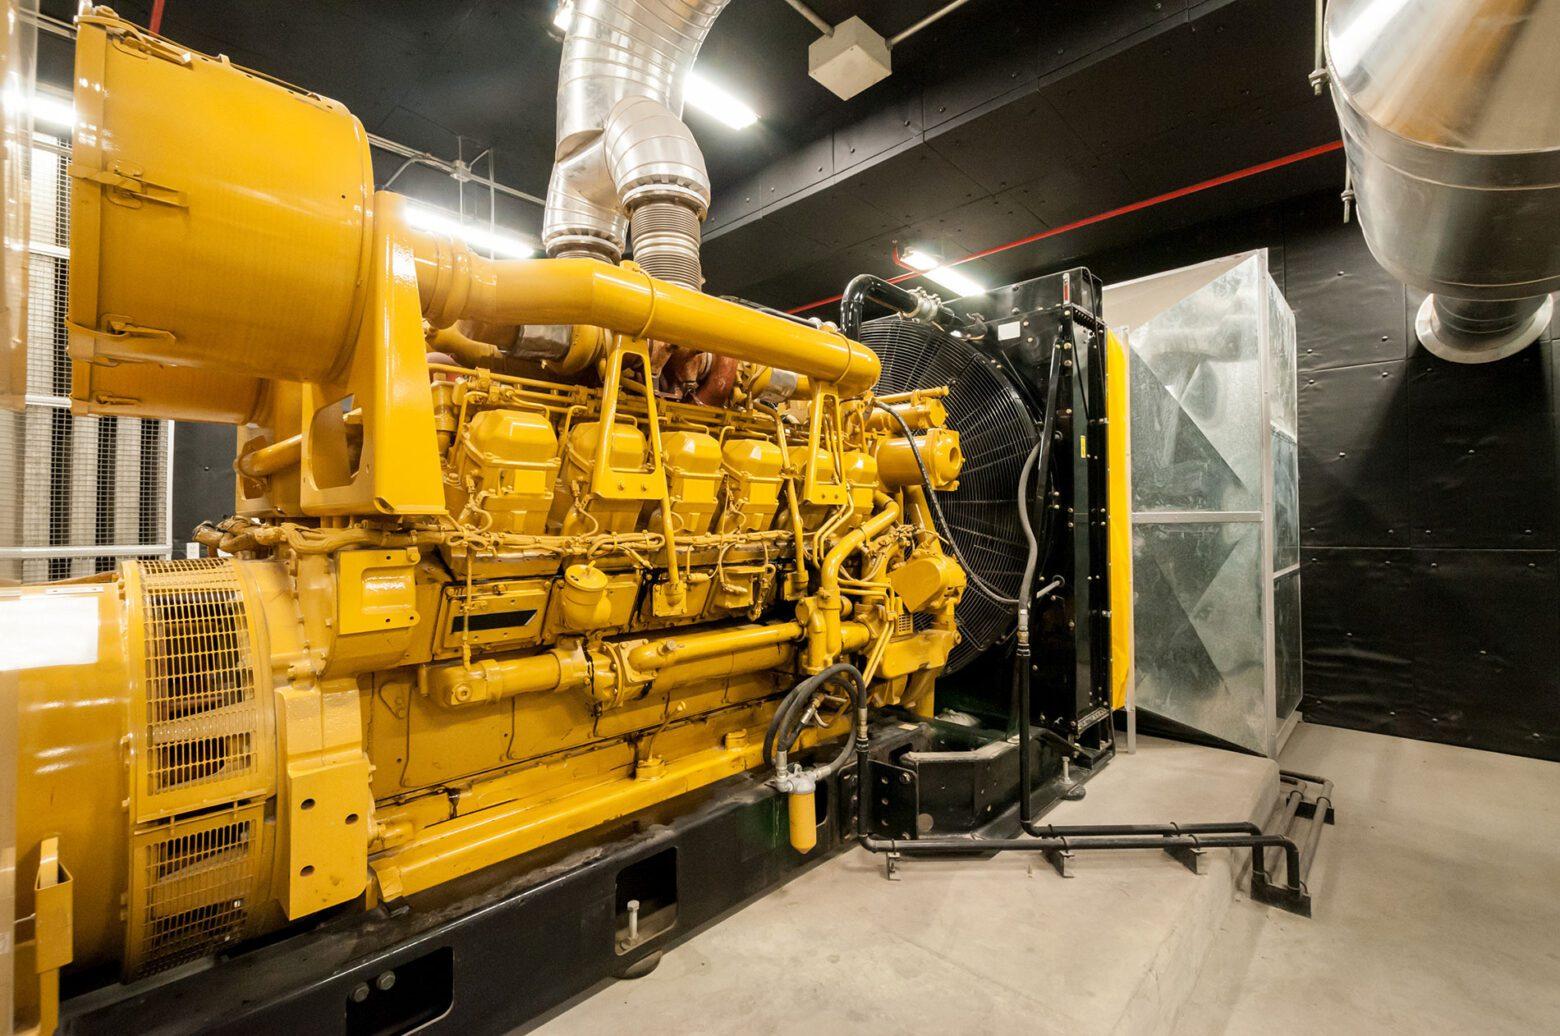 Napa Meadows Generator project